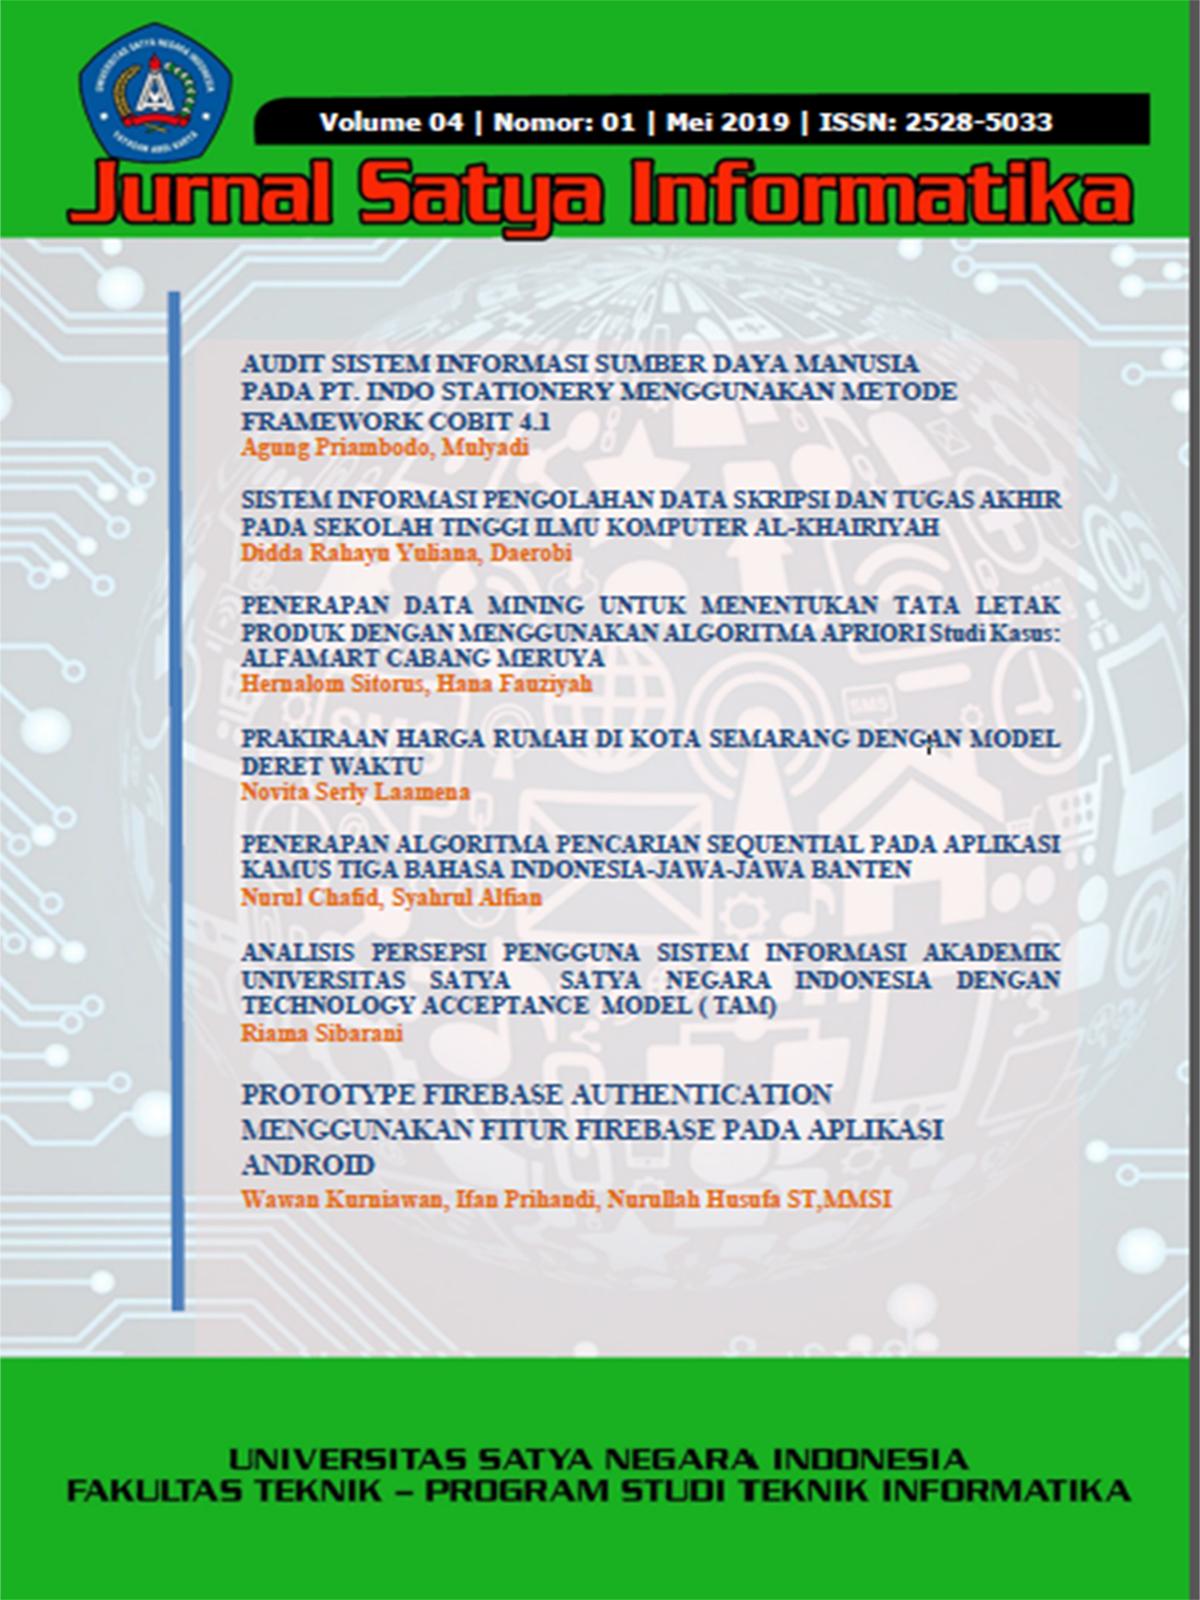 Jurnal Jurnal Satya Informatika